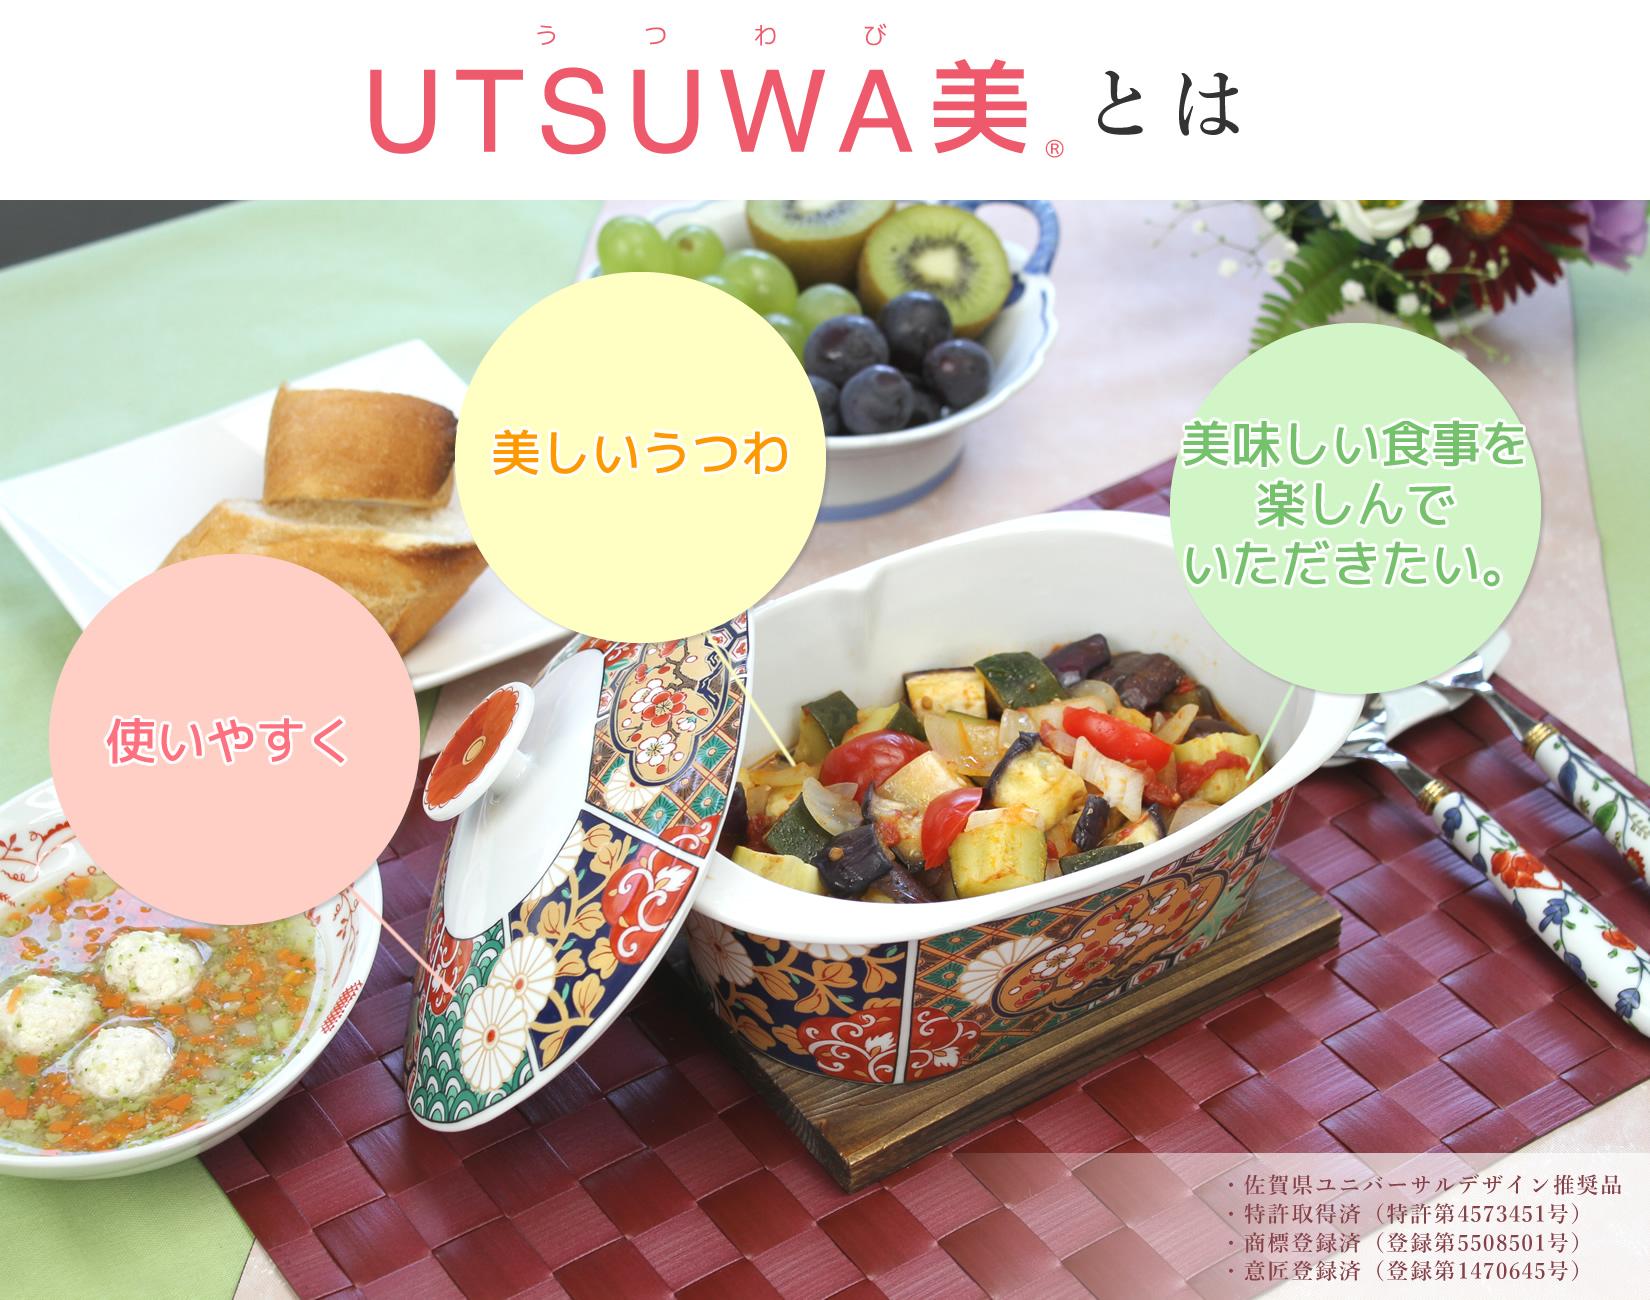 UTSUWA美とは